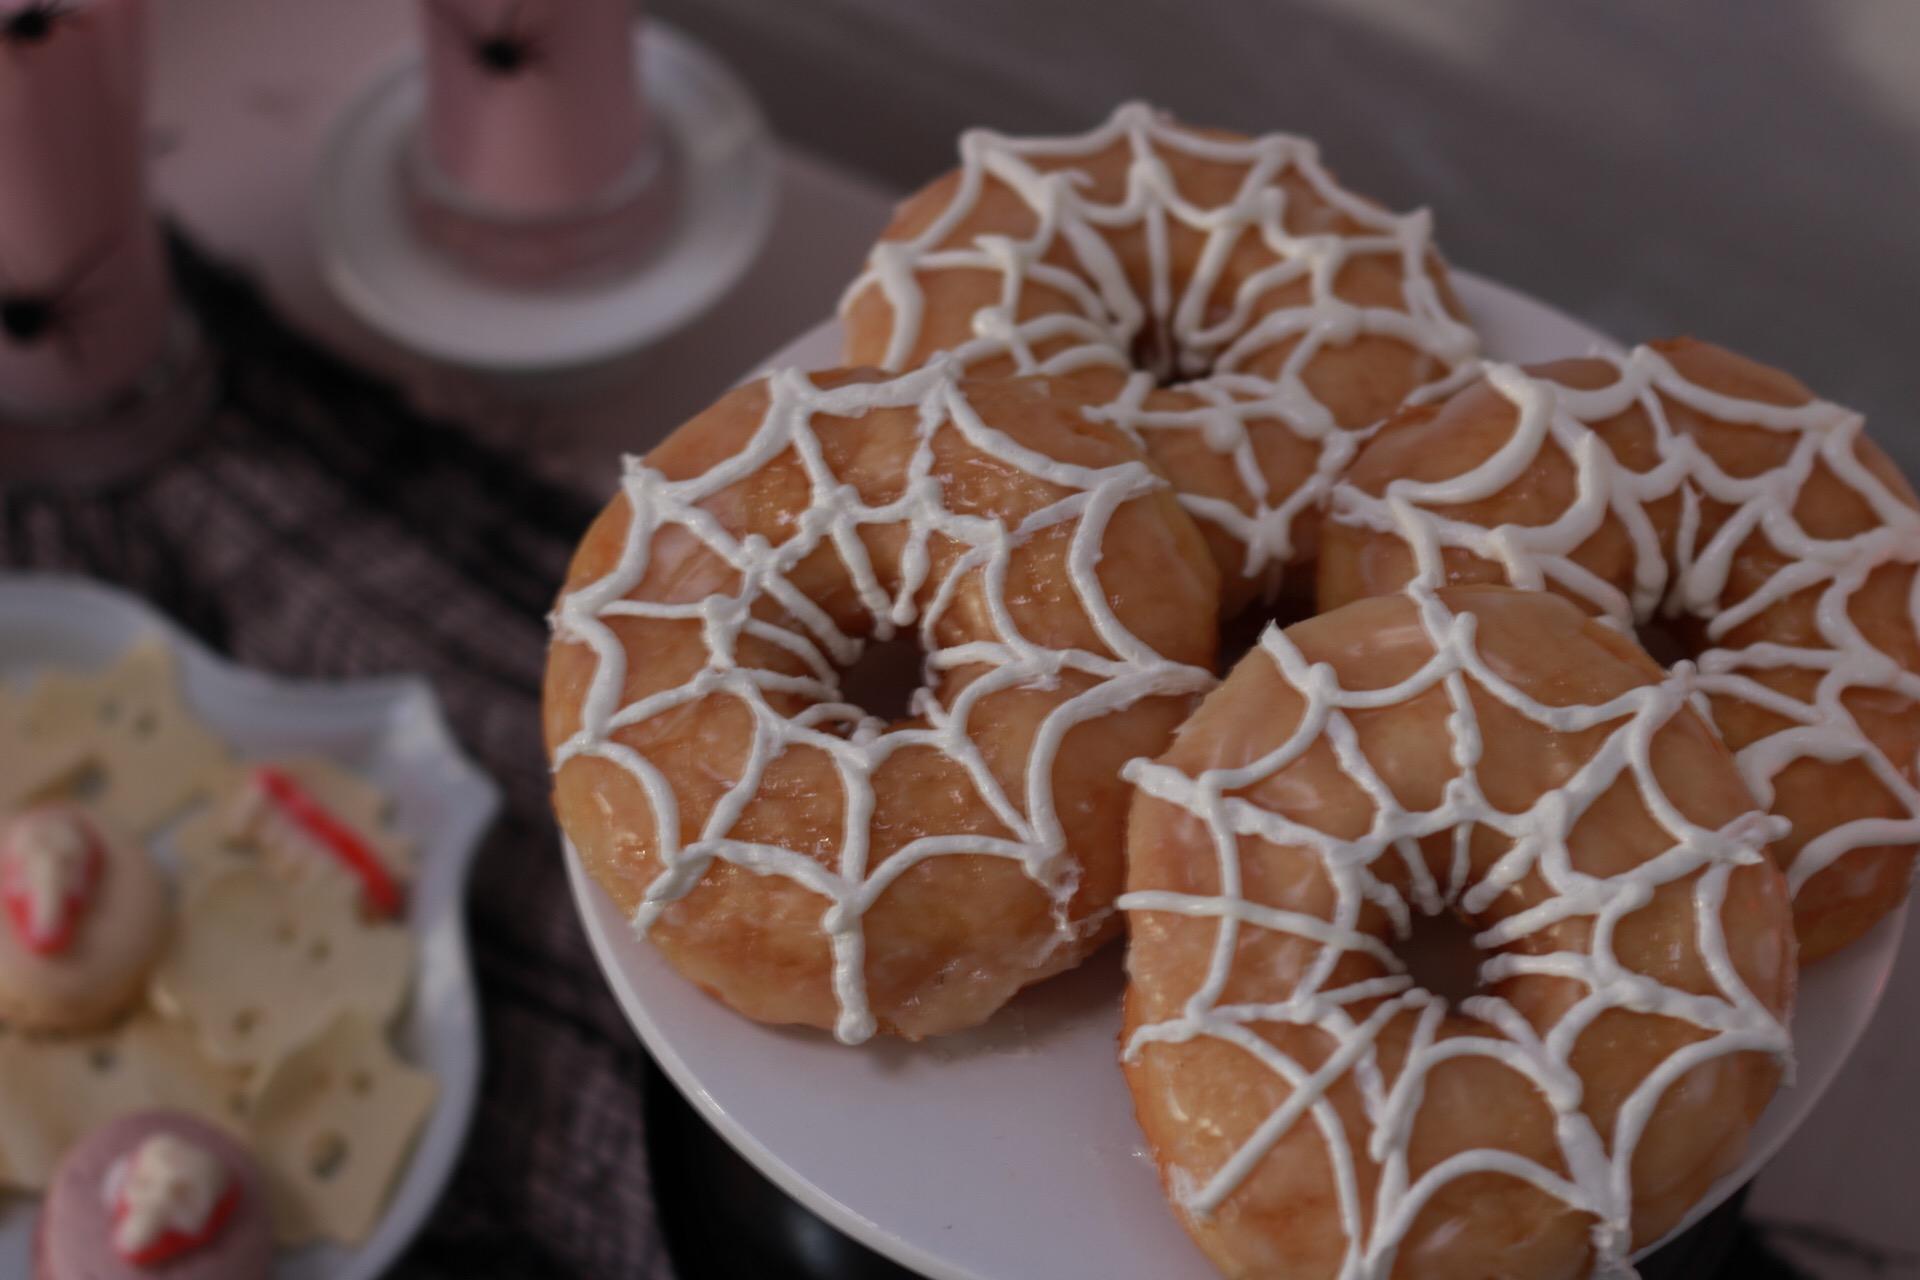 Spider Web Dessert-Spider Webbed Donuts-Crow-and-Skulls-Pink Halloween-Halloween Dessert Ideas-Halloween Pink Decor-Halloween Party Ideas-Halloween Dessert Table-www.SugarPartiesLA.com